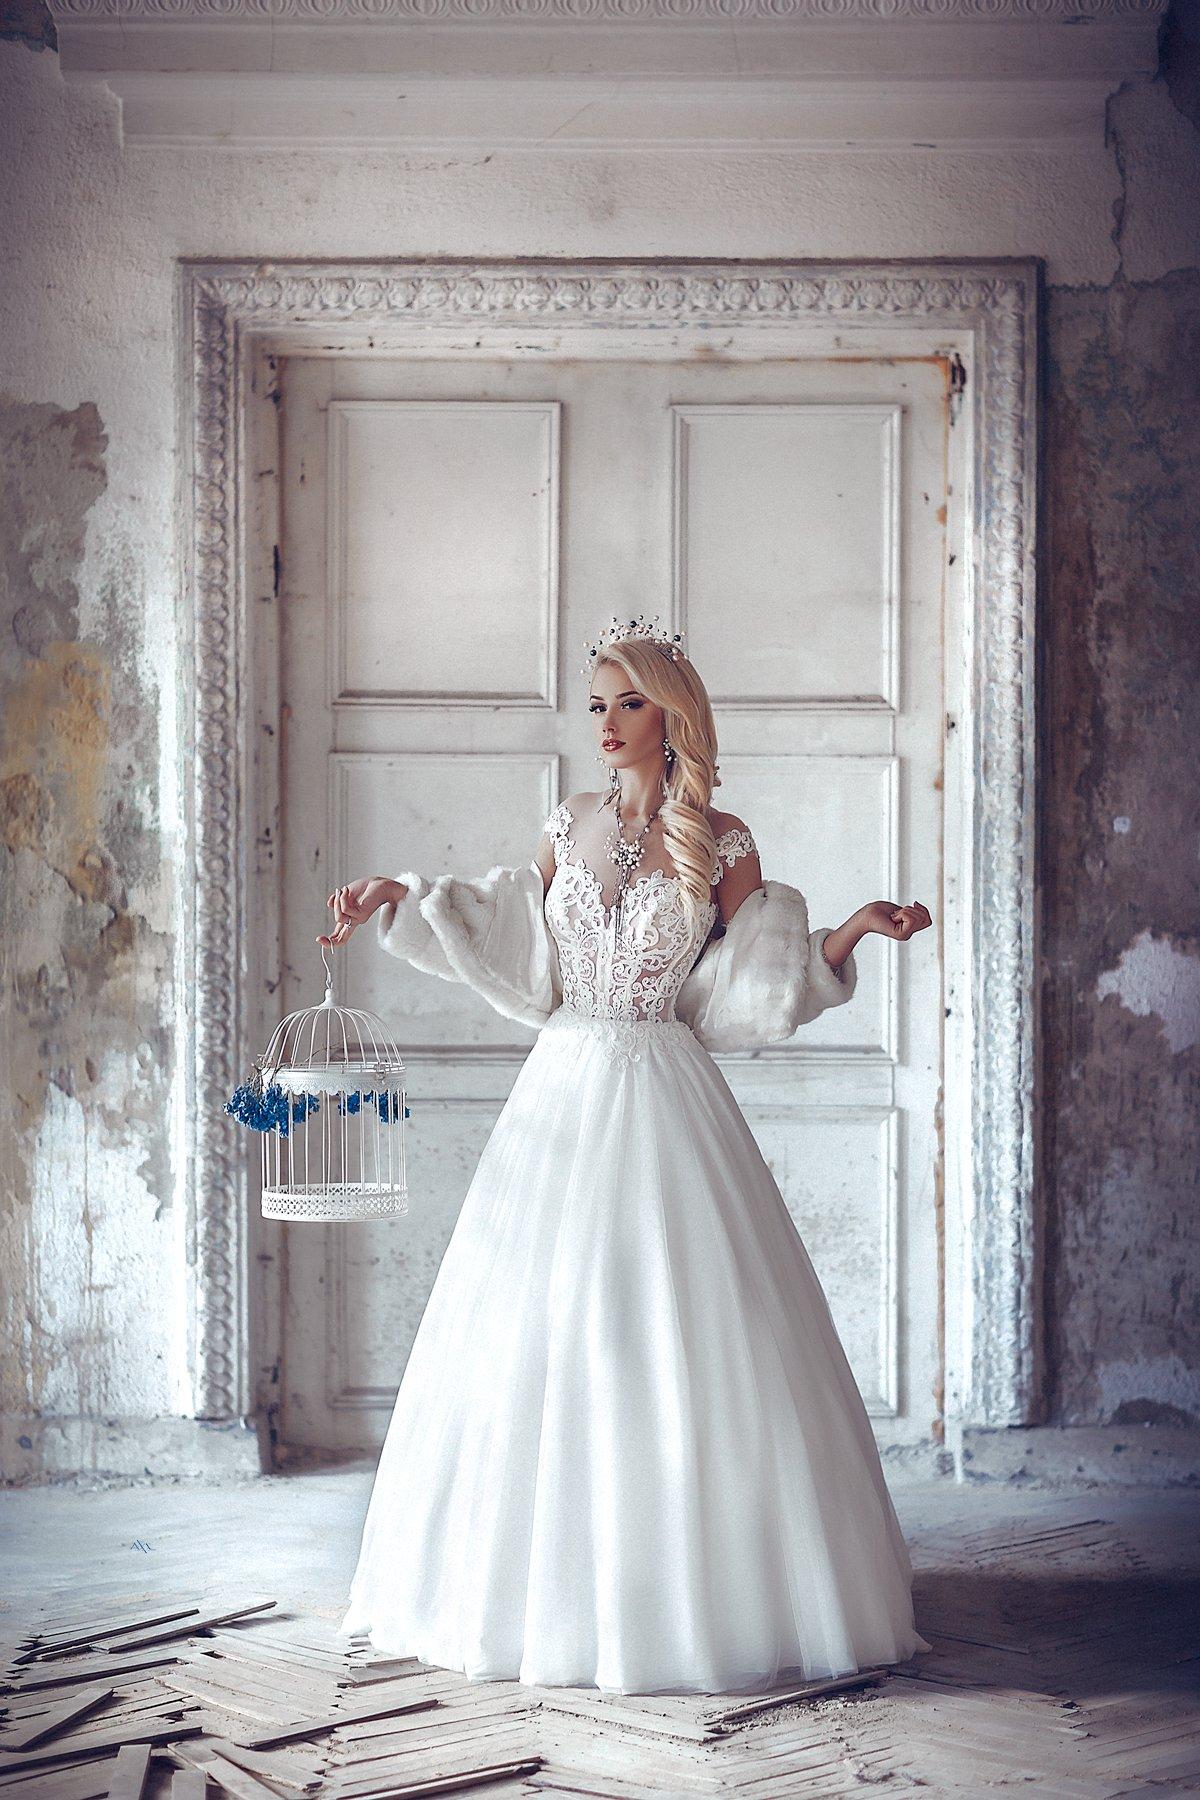 woman, portrait, beauty, bride, dress, light, Руслан Болгов (Axe)